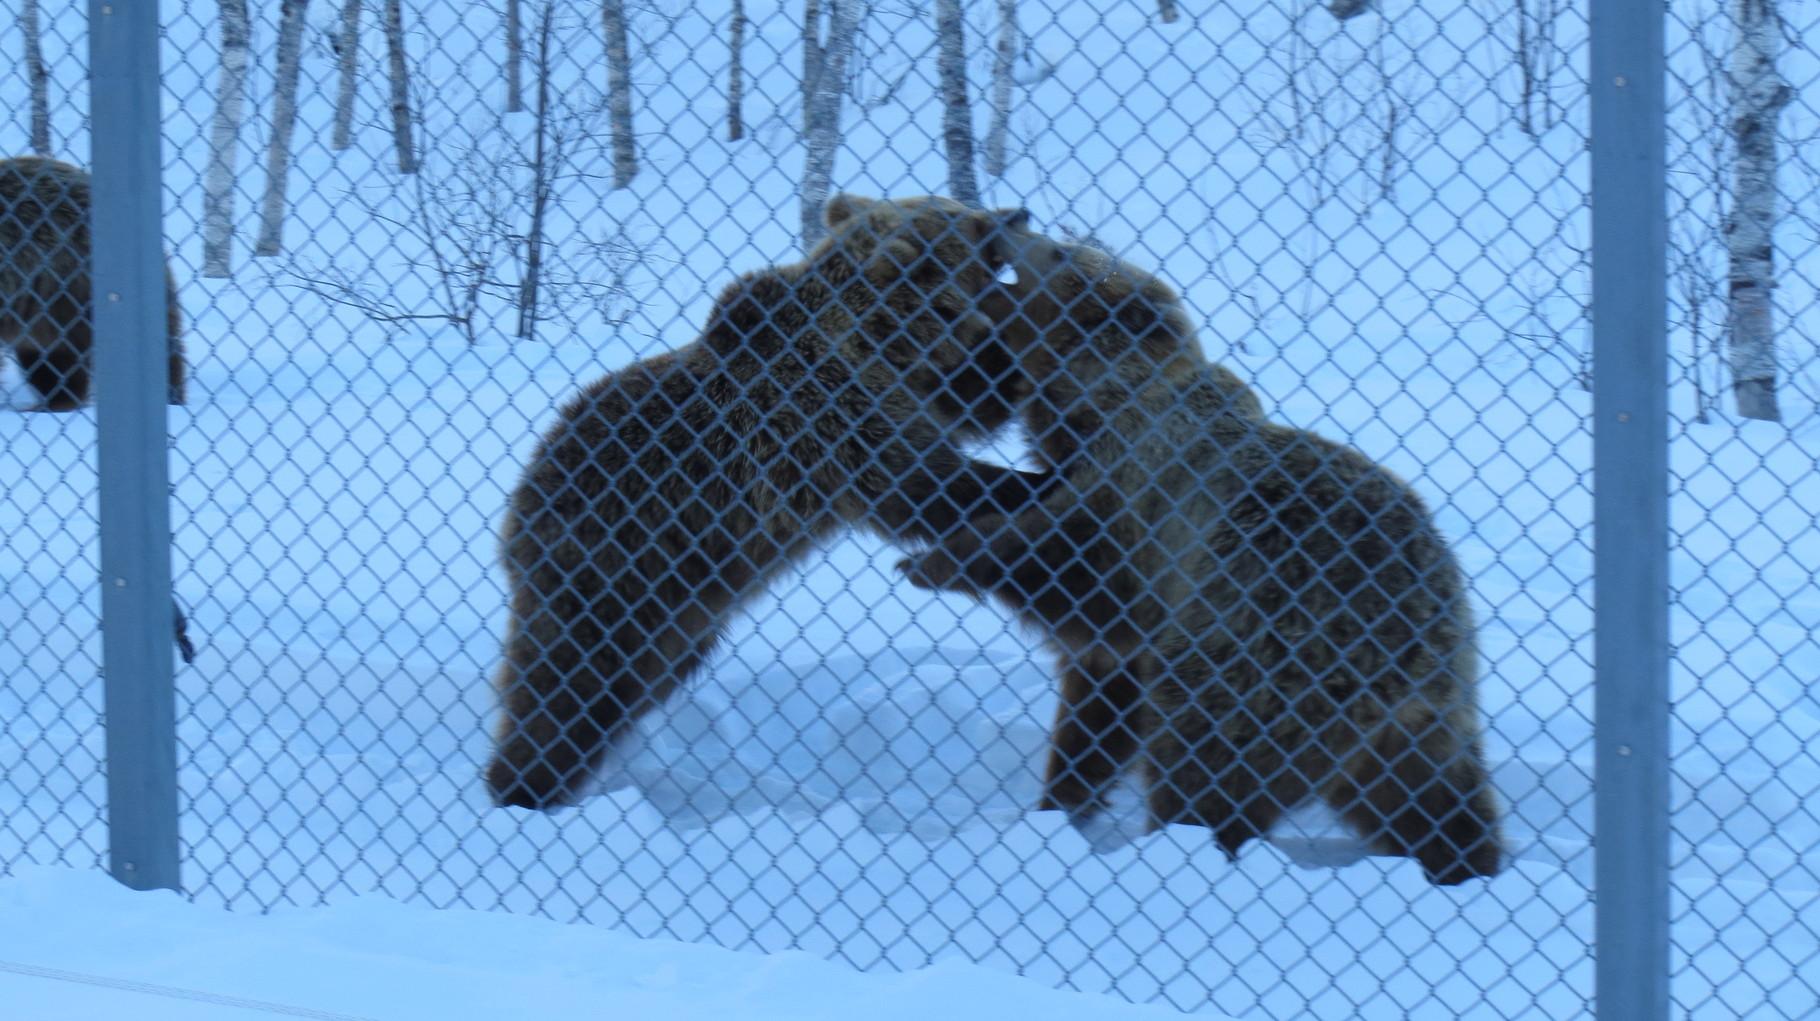 Gerade aus dem Winterschlaf aufgewacht und quietschfiedel, balgen sich die Jungbären untereinander ...